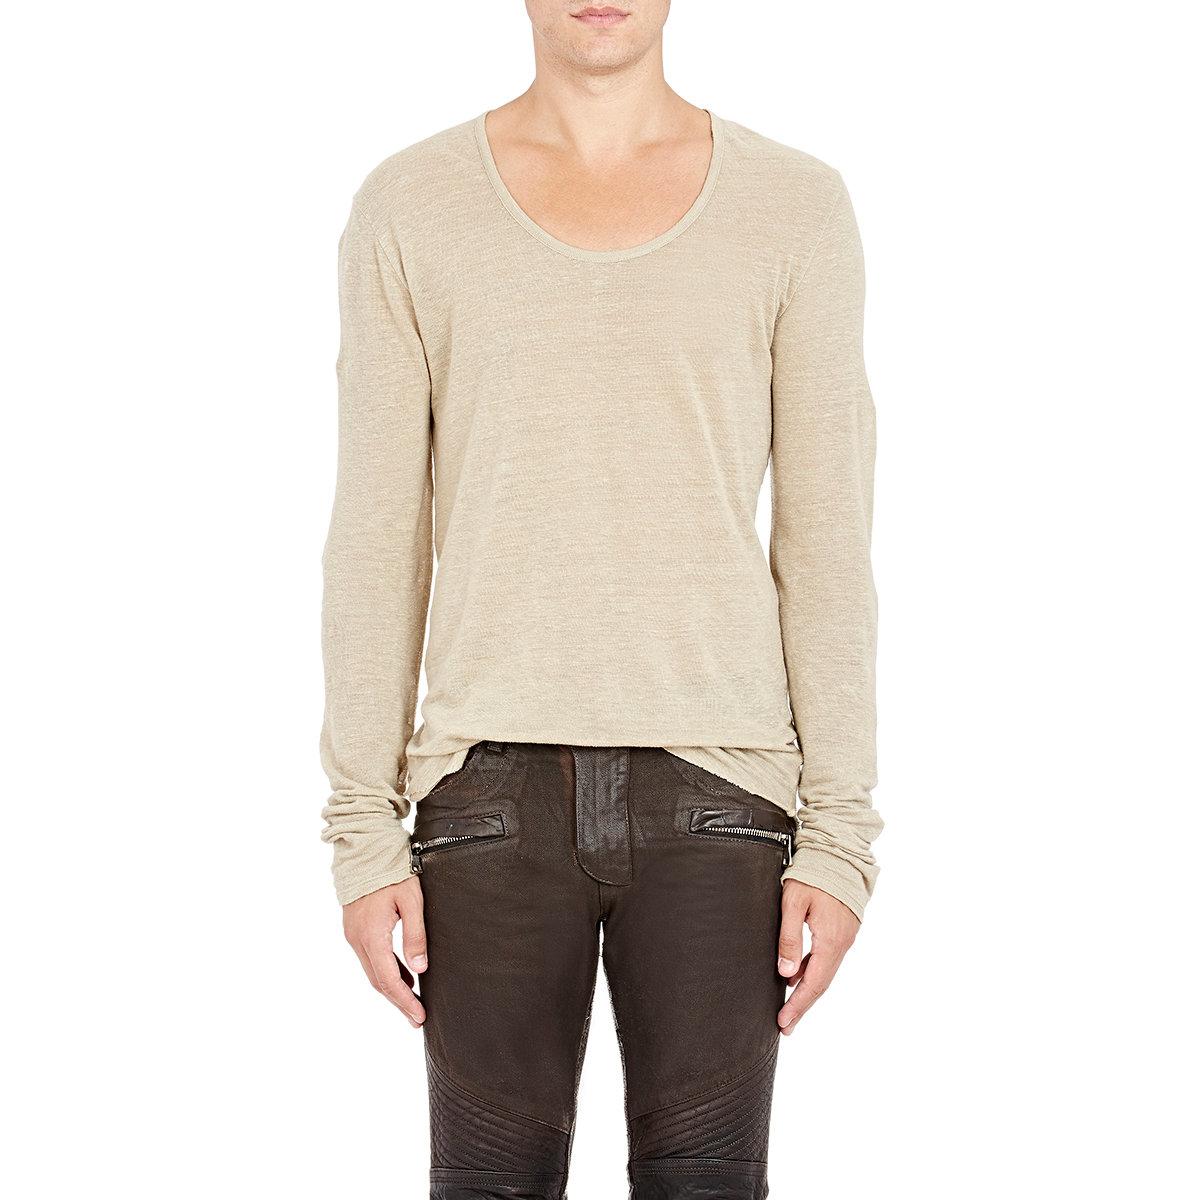 Balmain Men S Slub Jersey T Shirt In Natural For Men Lyst